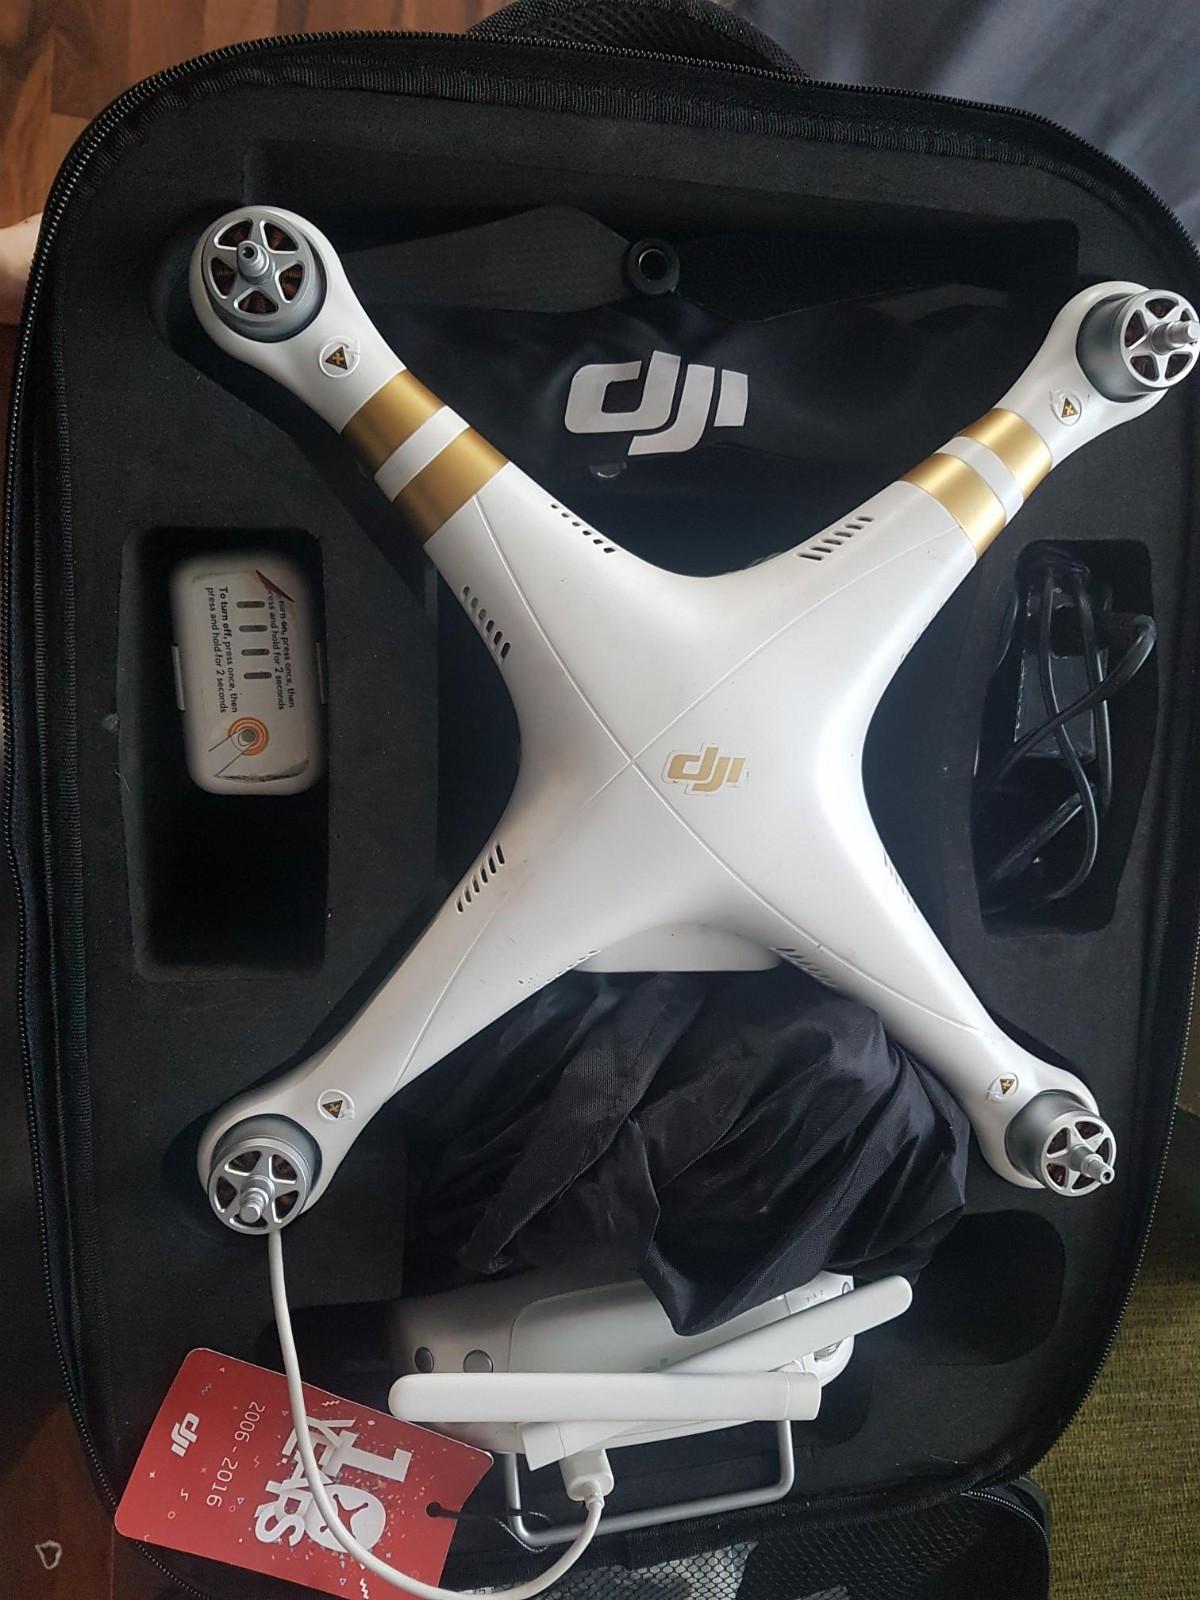 Drone phantom 3 pro - Kvaløya  - Drone kjøpt februar 2017 og er lite brukt.  Selges med ekstra propeller av karbon, orginale propeller og oppbevarings koffert. - Kvaløya